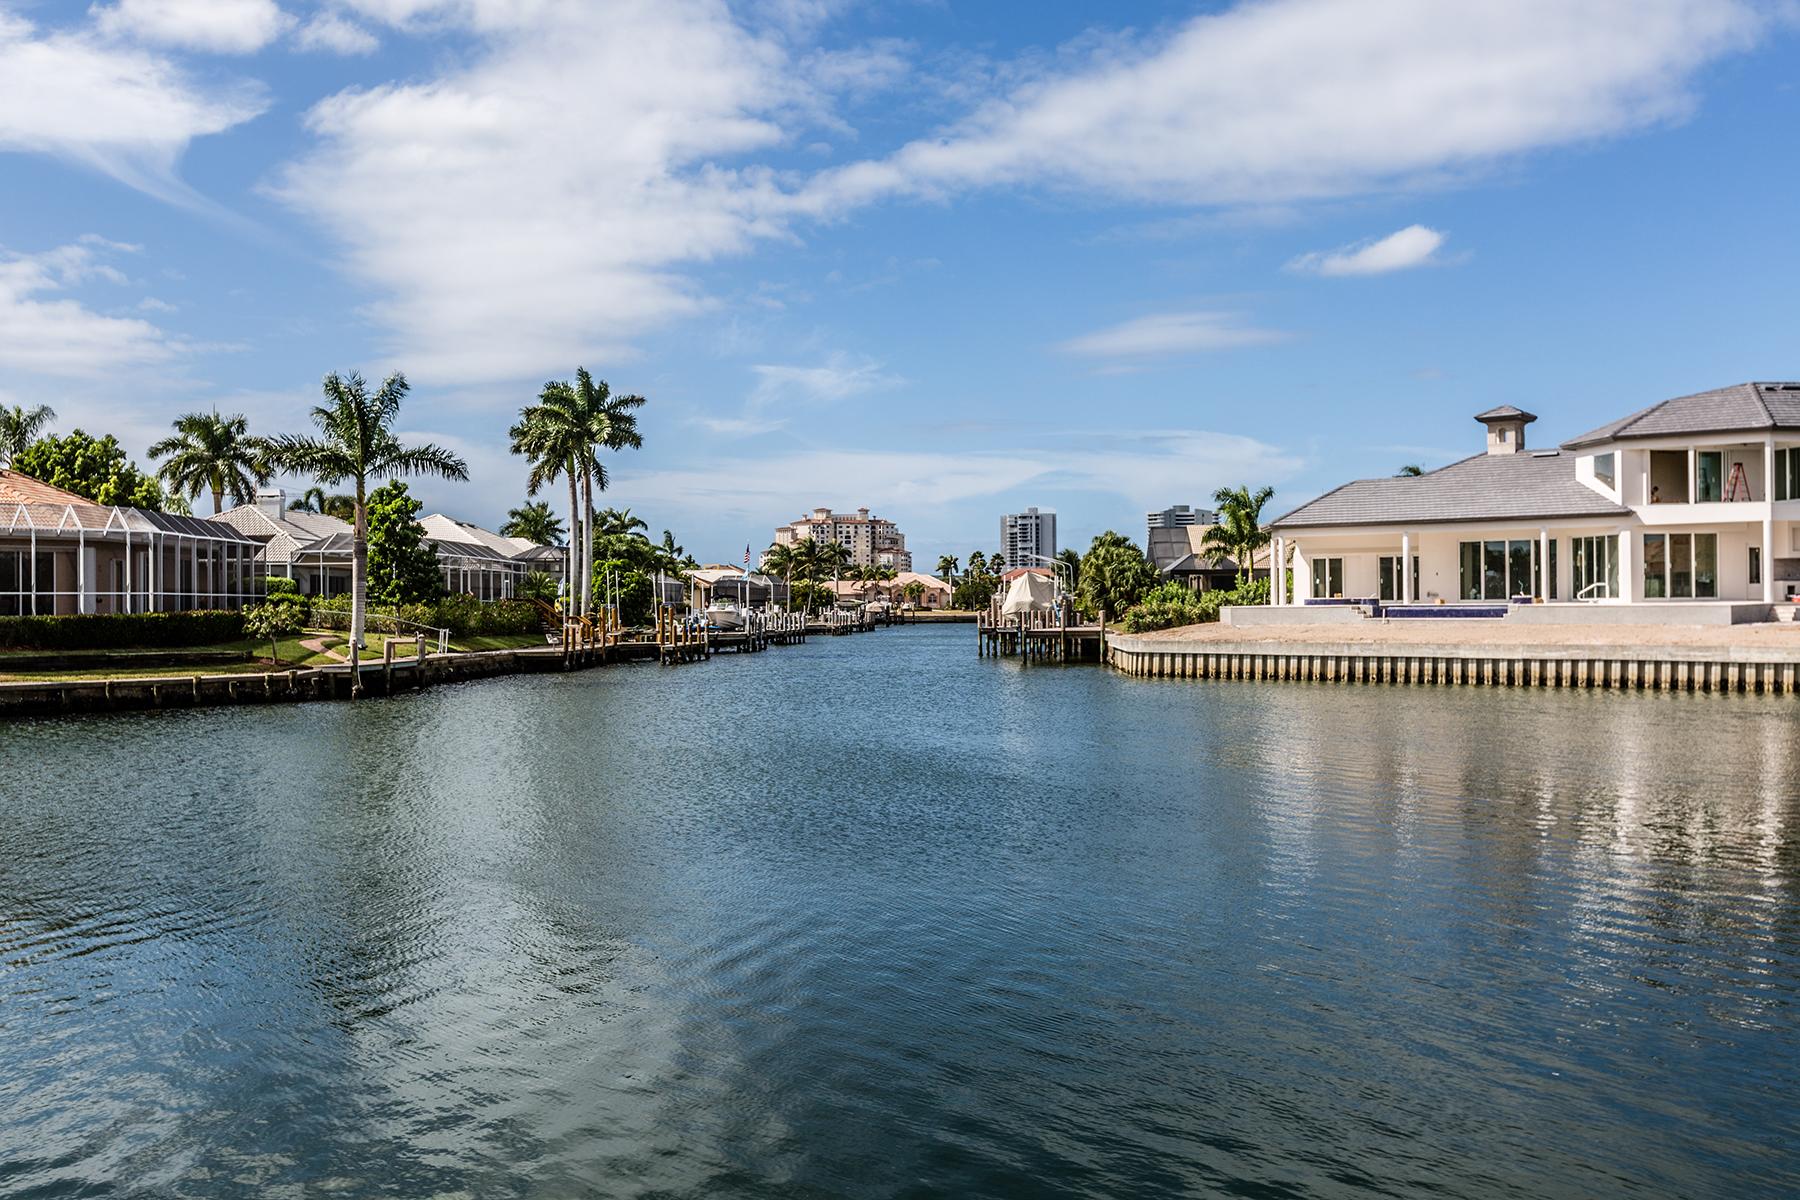 Terreno per Vendita alle ore MARCO ISLAND - WHITEHEART COURT 1153 Whiteheart Ct Marco Island, Florida, 34145 Stati Uniti